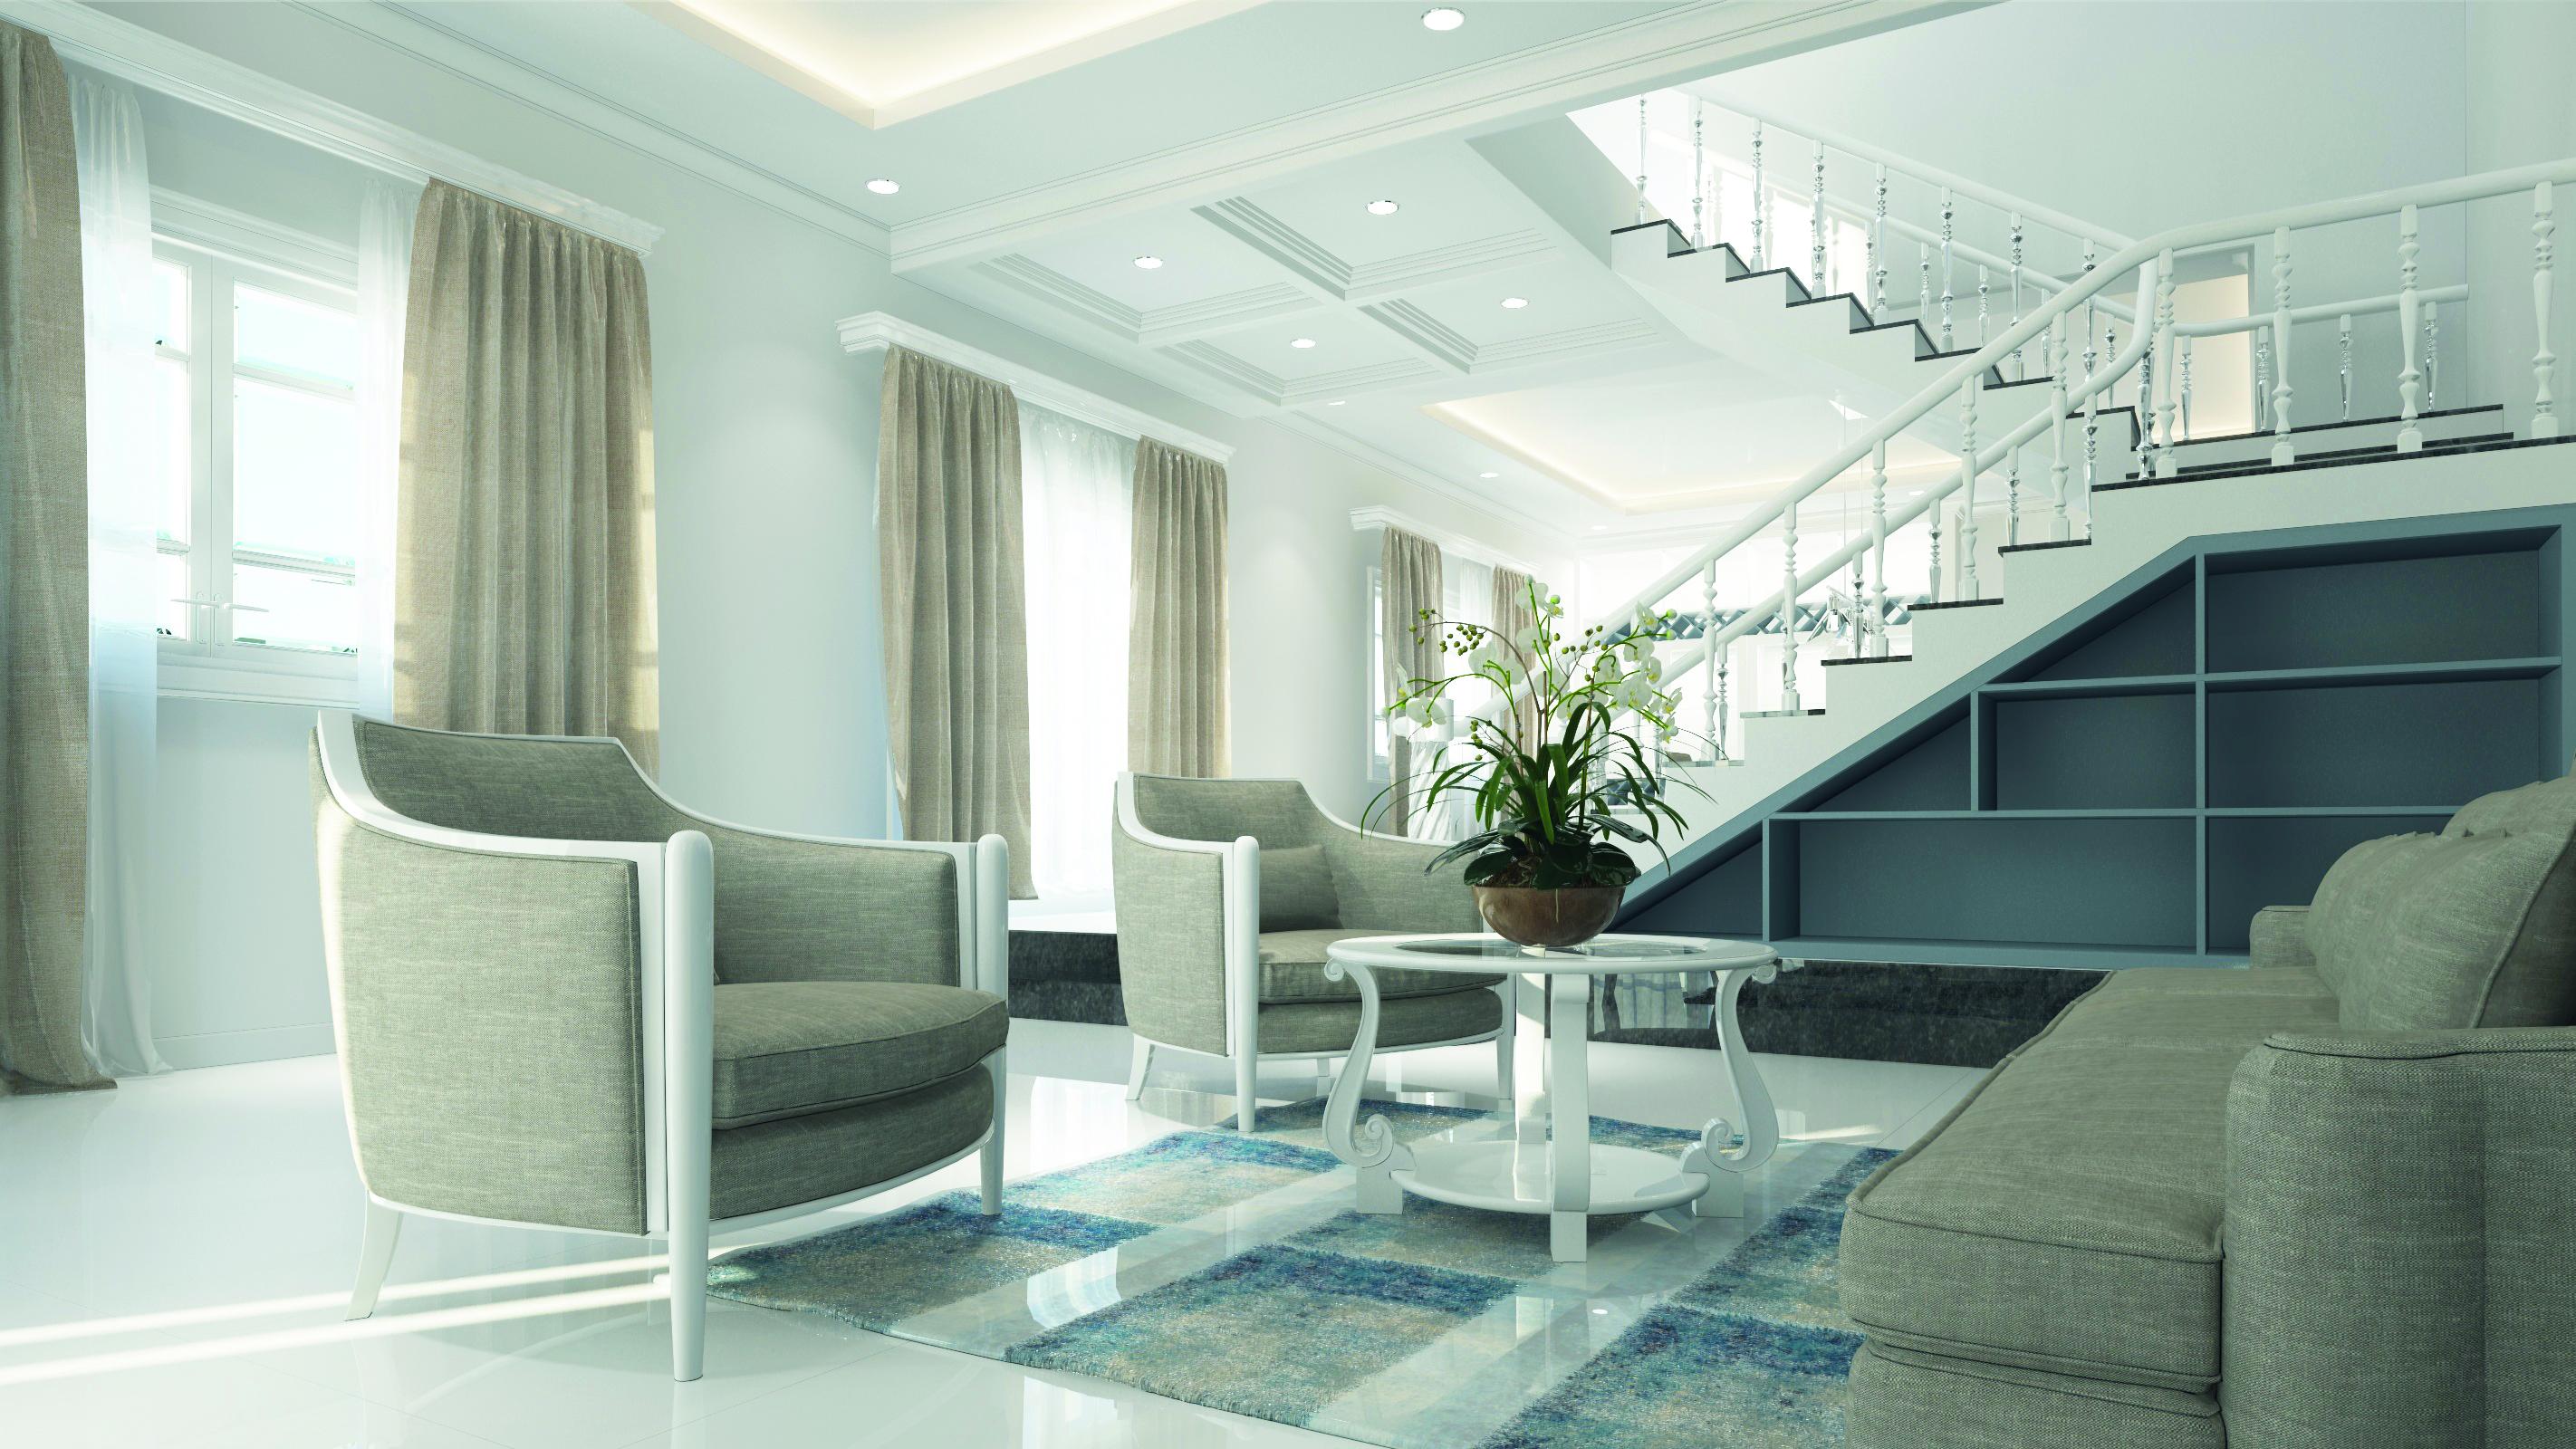 Pour une maison saine et confortable